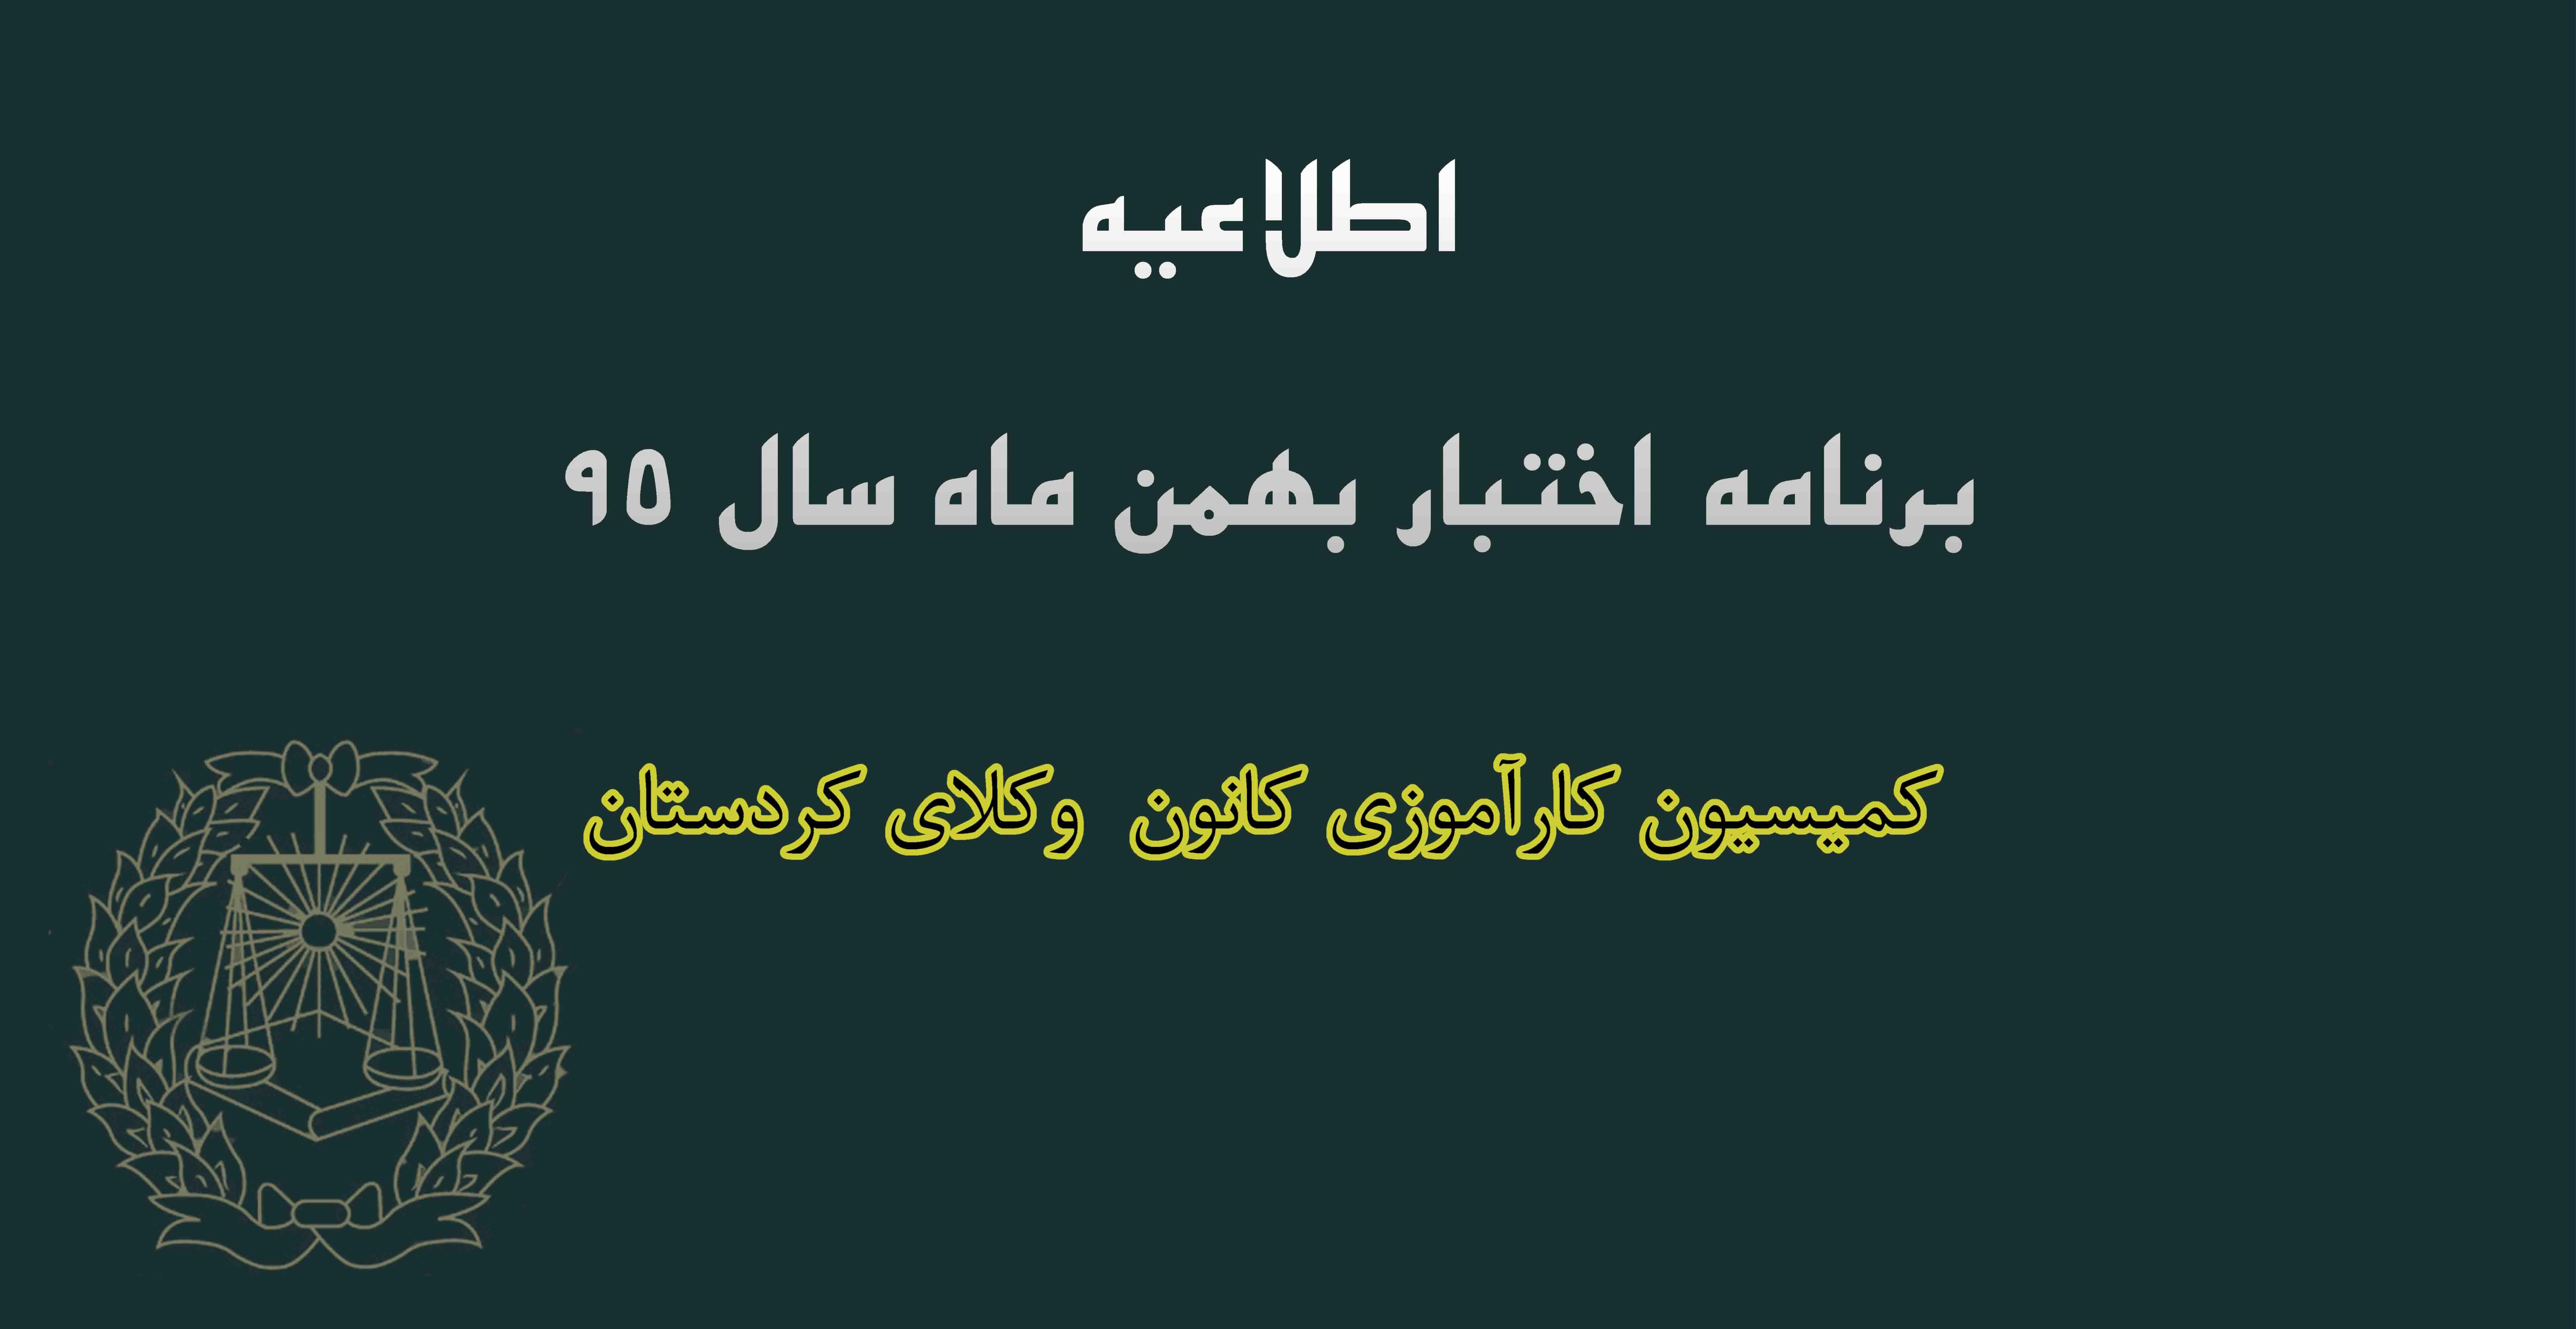 برنامه اختبار بهمن ماه سال 95